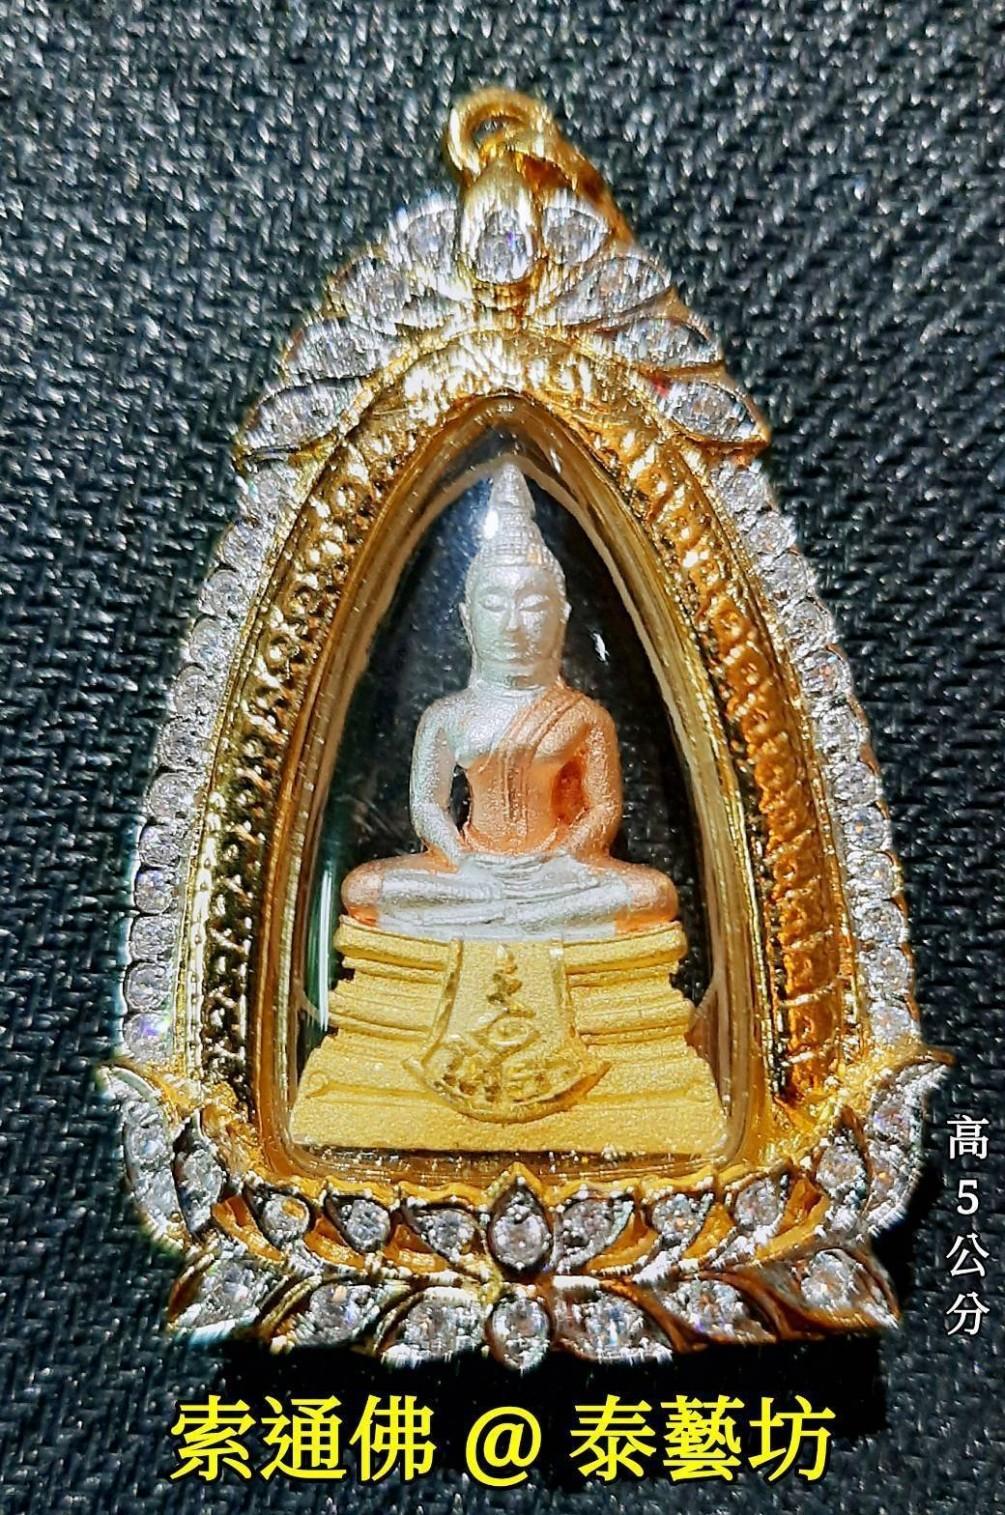 泰國著名的 {{ #索通佛 }} 又被尊稱為 【 心想事成佛 】 是泰國民眾心中 {{ 成願力 }} 超高的守護神 ~ 擁有強大的法力 / 成願力 ~ 可以幫我們轉運 / 擋險 / 保平安 / 逢凶化吉 / 旺正偏財 / 助人緣 / 助事業生意的功效。